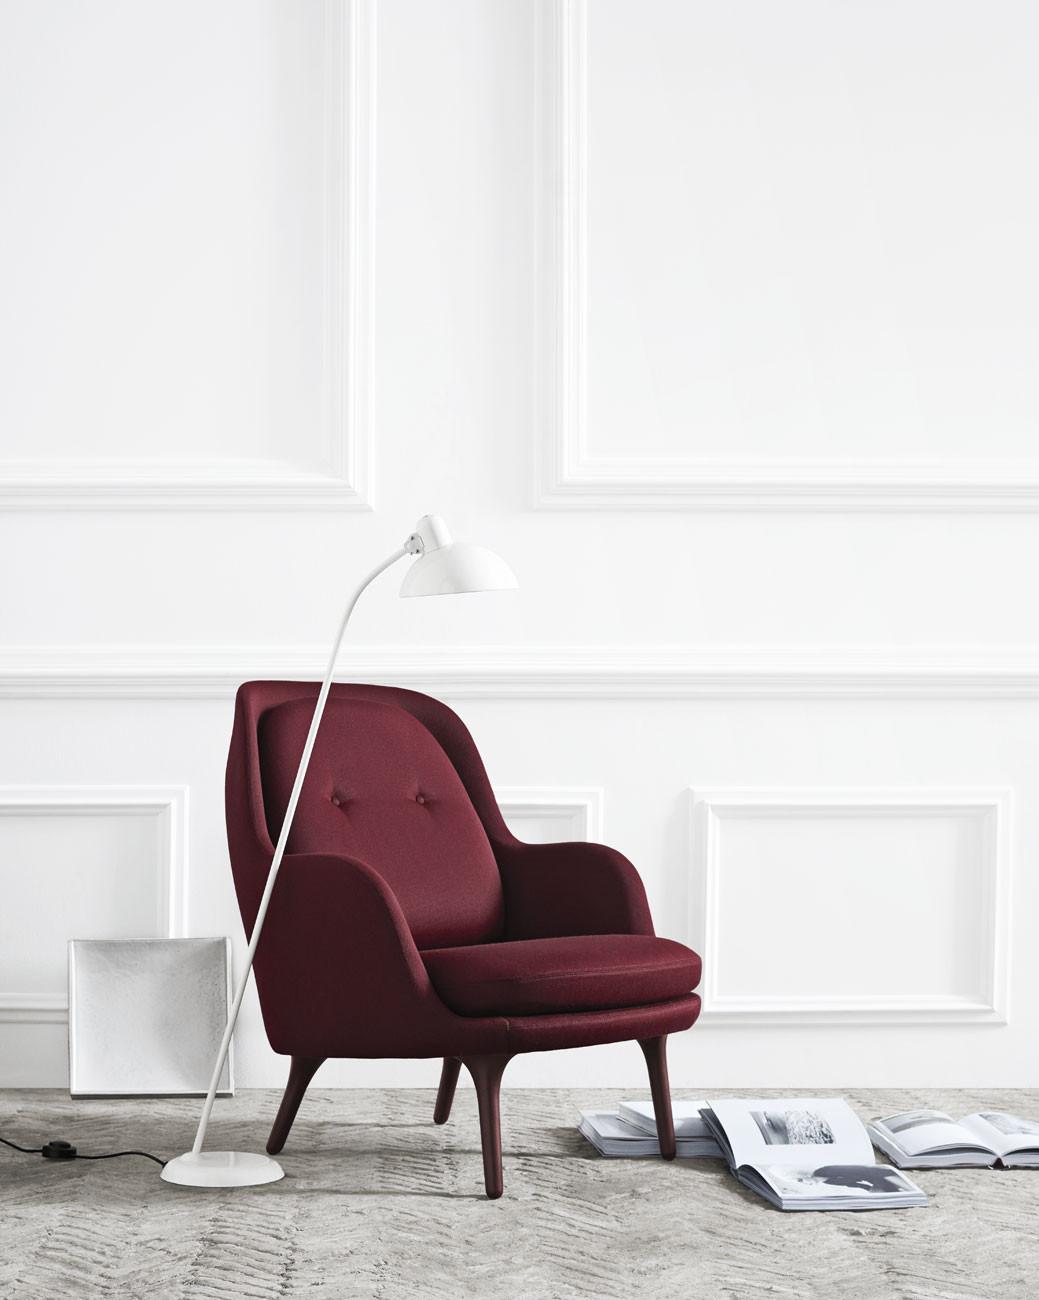 kaiser idell 6556 f super stehleuchte stehleuchten im designleuchten shop wunschlicht online kaufen. Black Bedroom Furniture Sets. Home Design Ideas